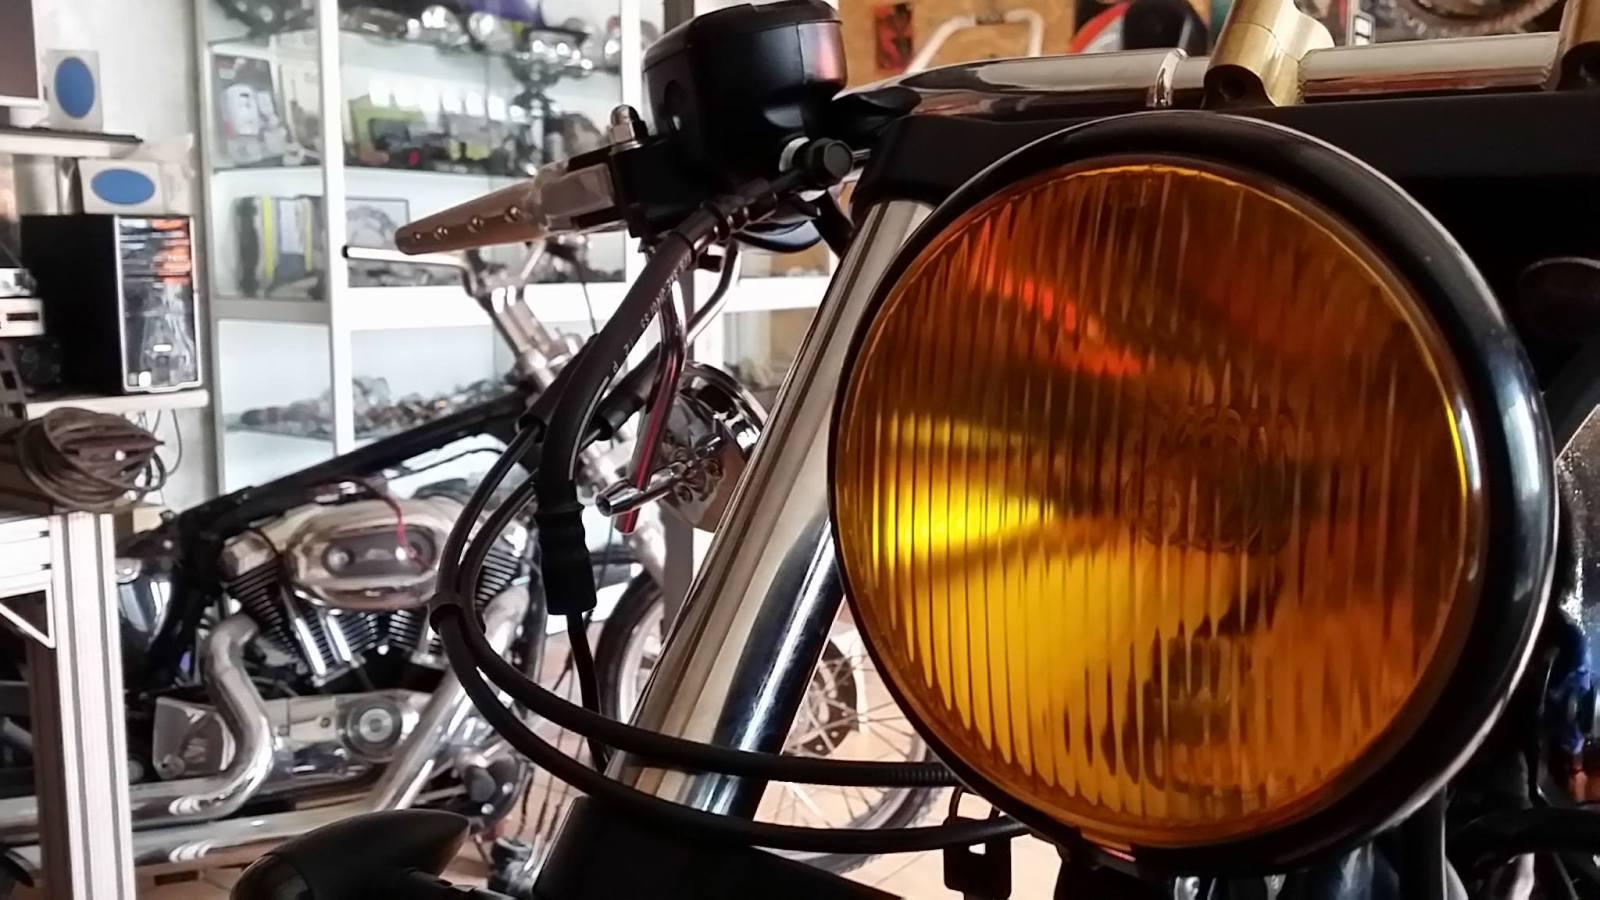 KINGS CUSTOM Motorcycle fotos 20p4qia